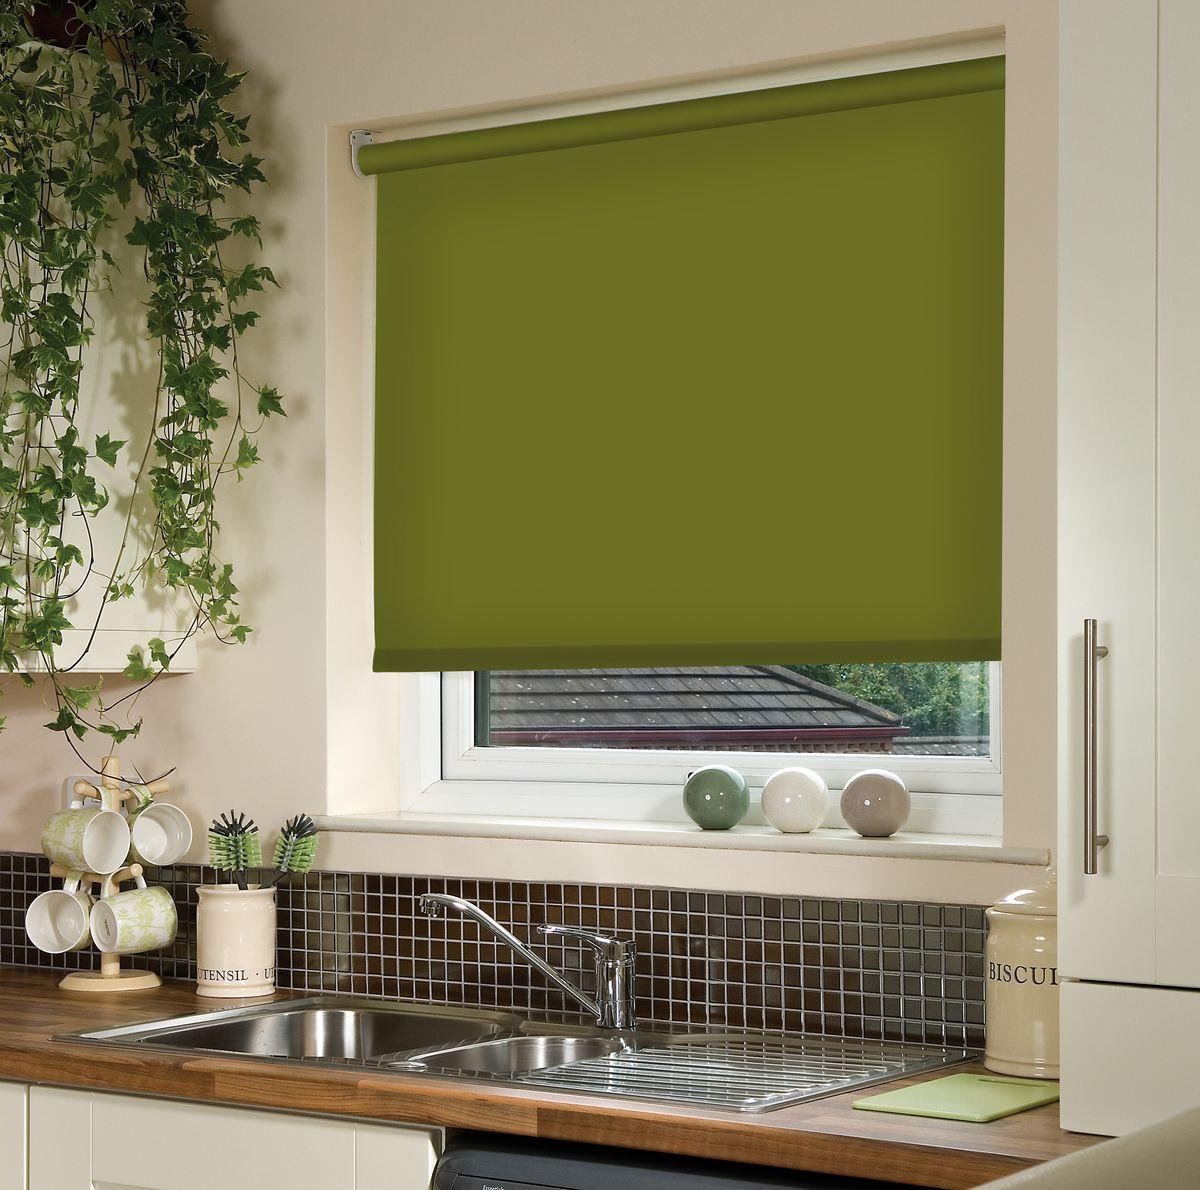 Штора рулонная Эскар, цвет: темно-оливковый, ширина 60 см, высота 170 см81018060170Рулонными шторами можно оформлять окна как самостоятельно, так и использовать в комбинации с портьерами. Это поможет предотвратить выгорание дорогой ткани на солнце и соединит функционал рулонных с красотой навесных. Преимущества применения рулонных штор для пластиковых окон: - имеют прекрасный внешний вид: многообразие и фактурность материала изделия отлично смотрятся в любом интерьере; - многофункциональны: есть возможность подобрать шторы способные эффективно защитить комнату от солнца, при этом она не будет слишком темной. - Есть возможность осуществить быстрый монтаж. ВНИМАНИЕ! Размеры ширины изделия указаны по ширине ткани! Во время эксплуатации не рекомендуется полностью разматывать рулон, чтобы не оторвать ткань от намоточного вала. В случае загрязнения поверхности ткани, чистку шторы проводят одним из способов, в зависимости от типа загрязнения: легкое поверхностное загрязнение можно удалить при помощи канцелярского ластика; чистка от пыли производится сухим методом при...